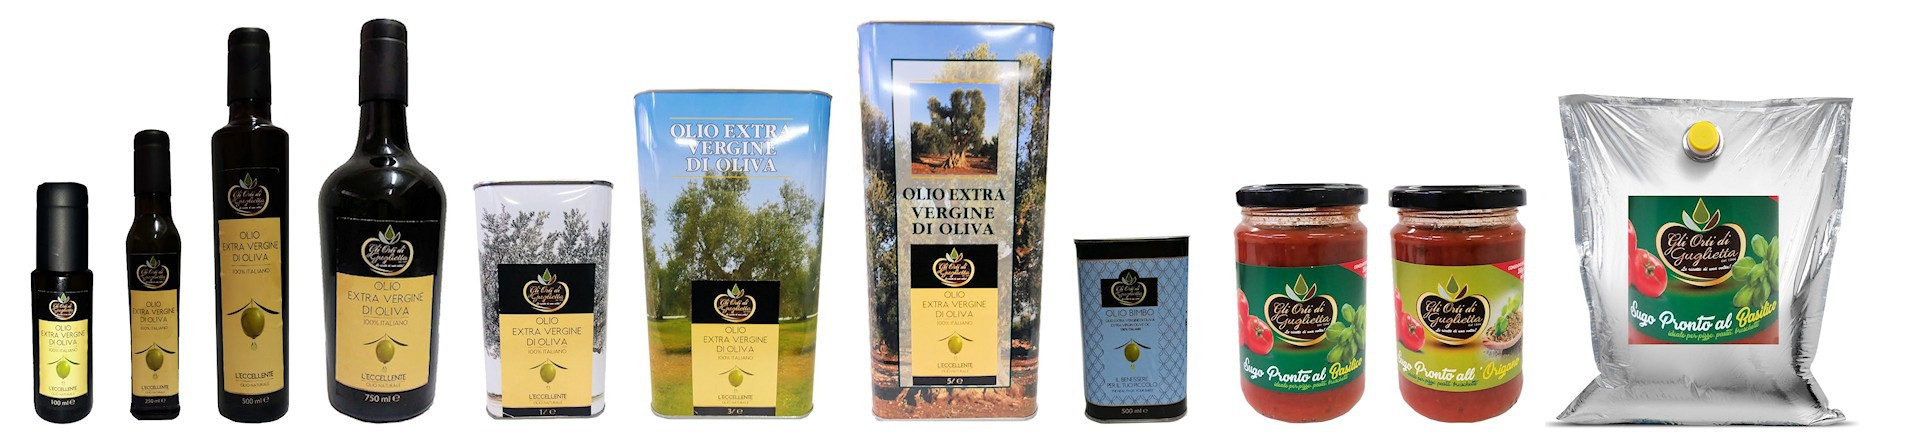 Sughi, patè, salse, condimenti, olio extravergine itrana GLI ORTI DI GUGLIETTA - vendita online